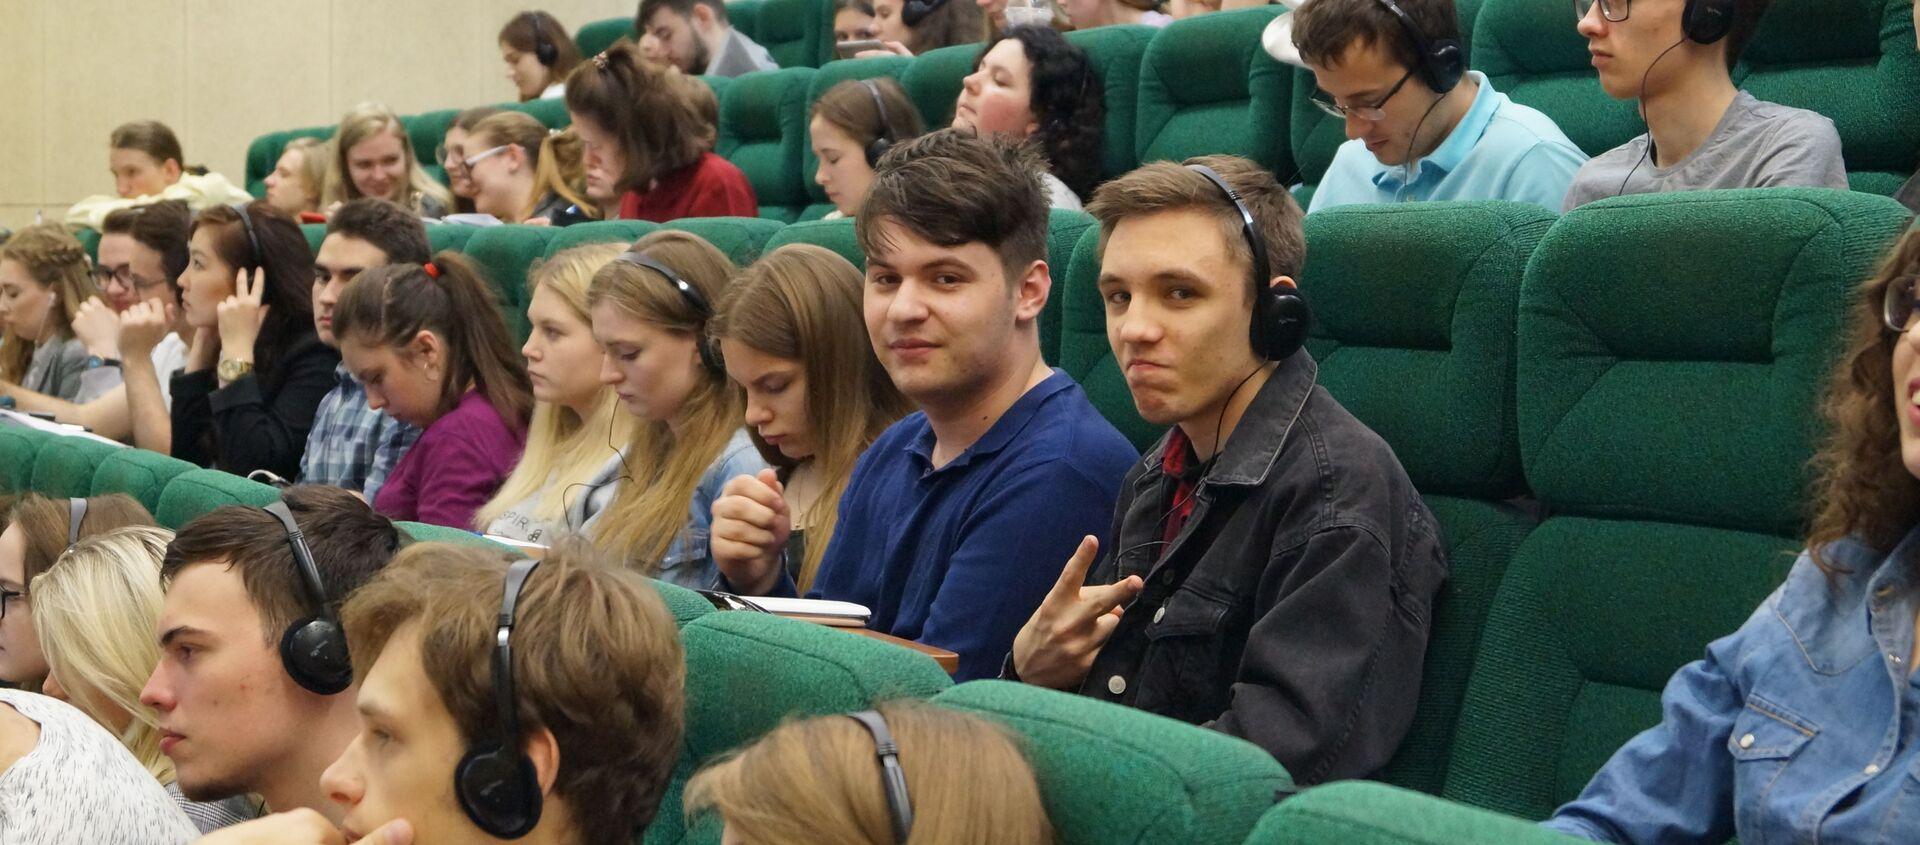 Studenti della facoltà di Studi Internazionali e Gestione Regionale dell'Università RANEPA di Mosca - Sputnik Italia, 1920, 08.07.2019